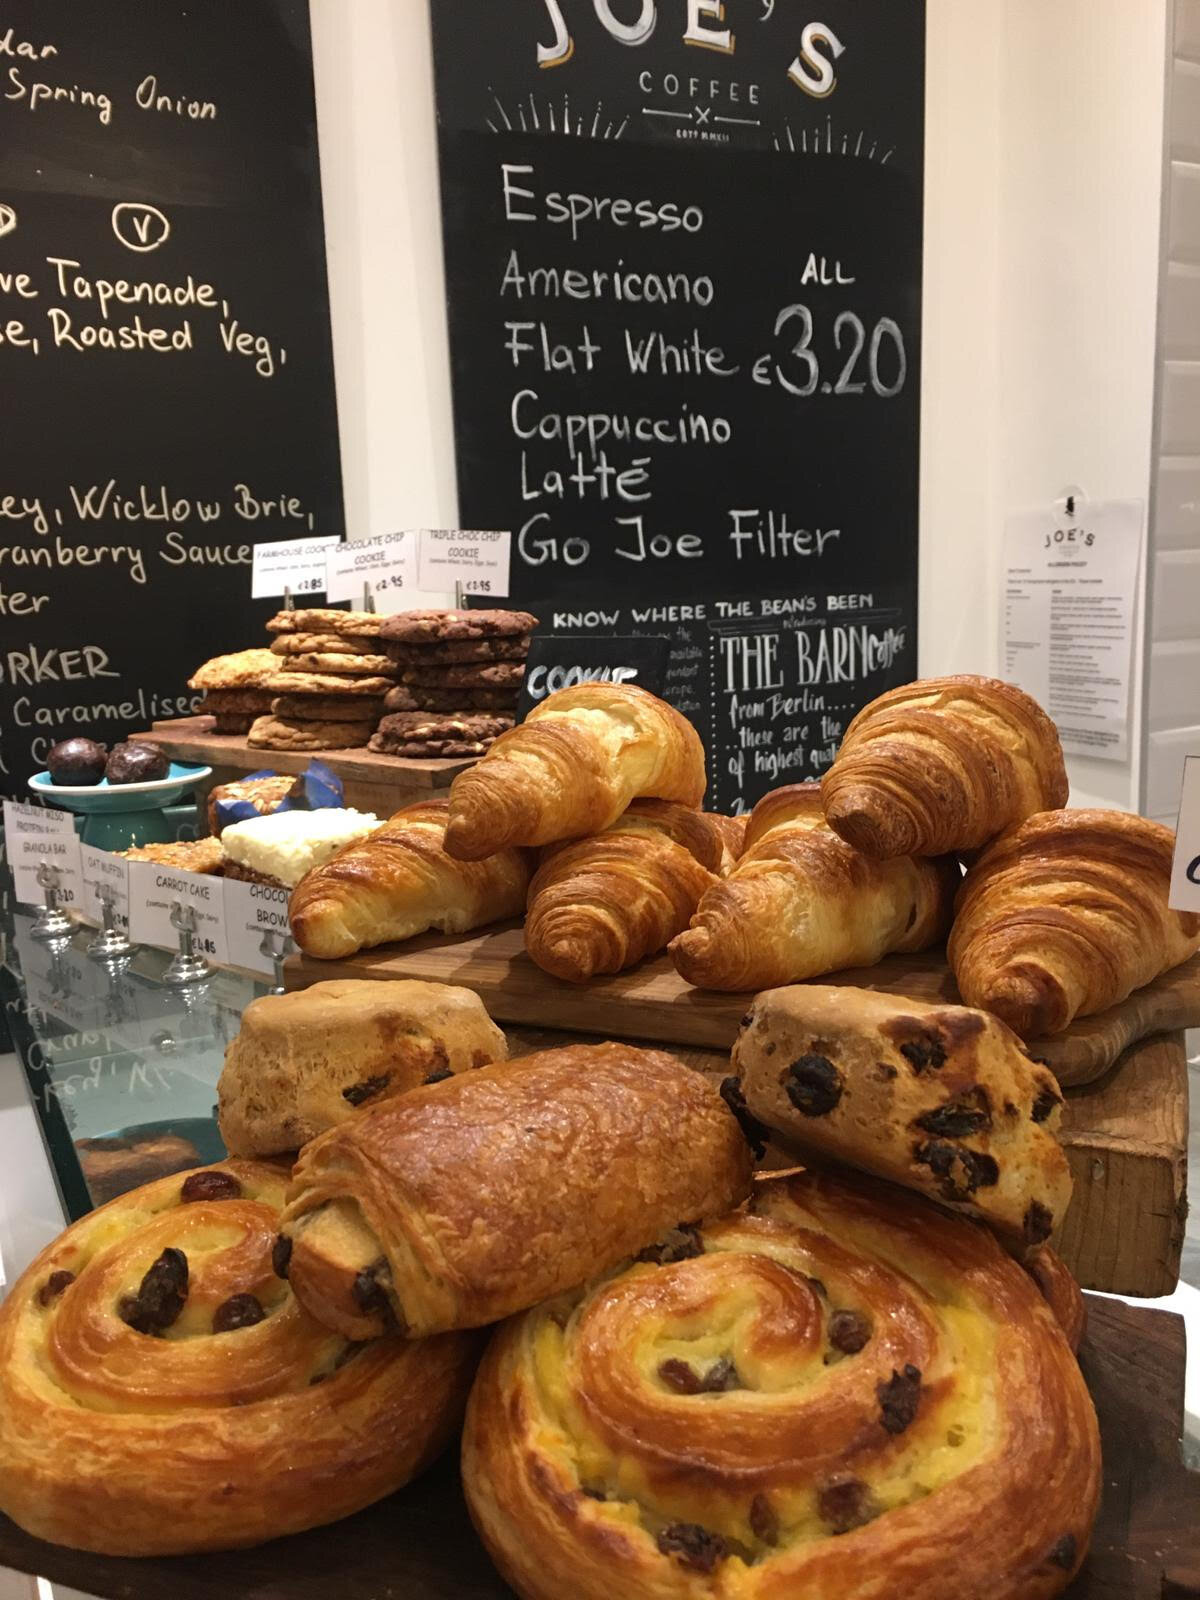 joes pastries montague september 2019.jpg